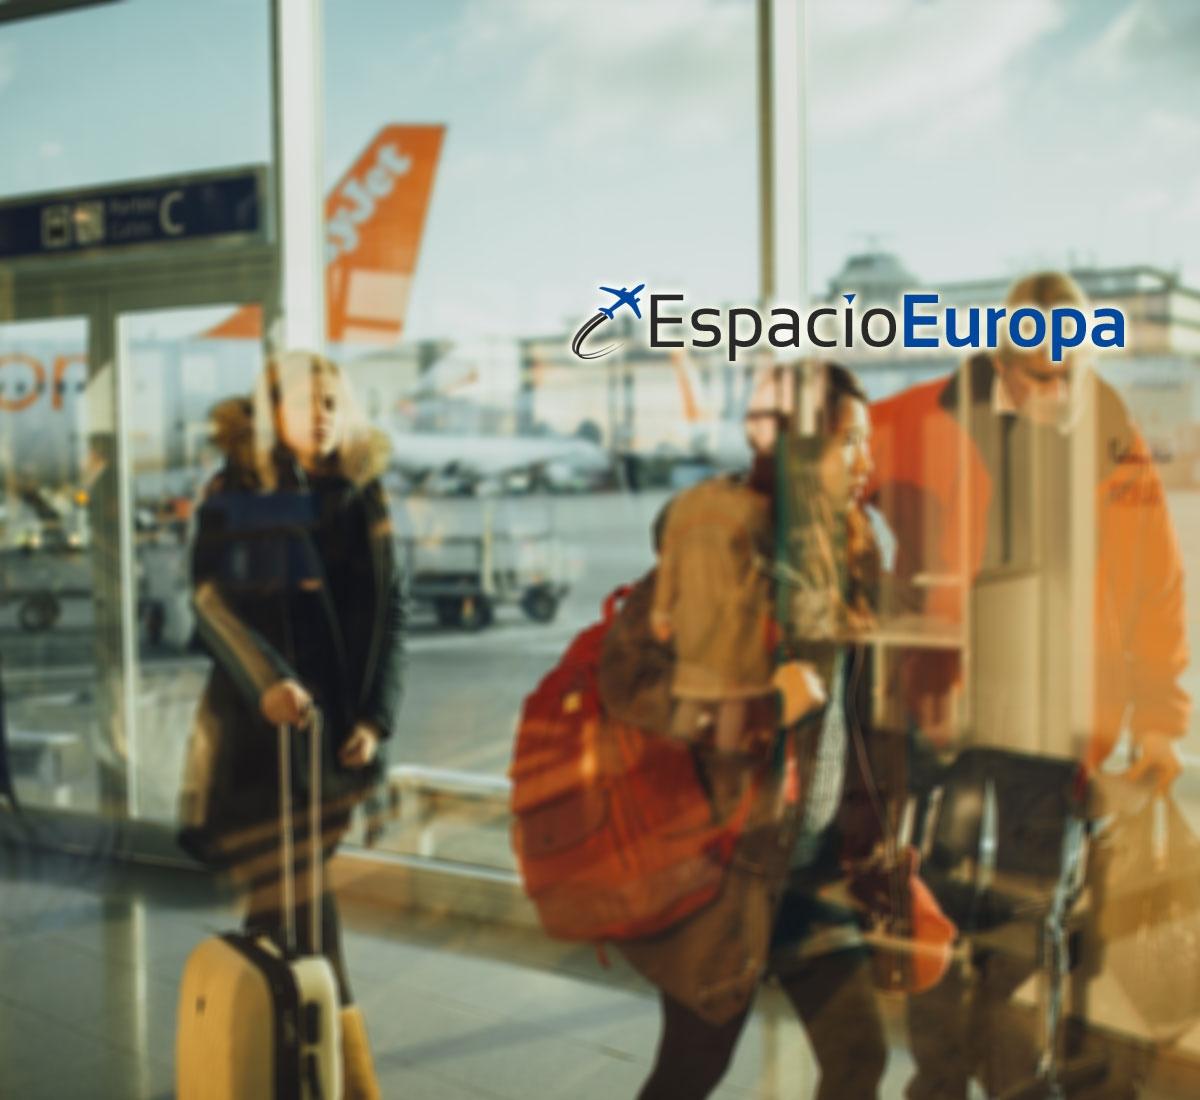 Espacio Europa (@espacioeuropa) Cover Image